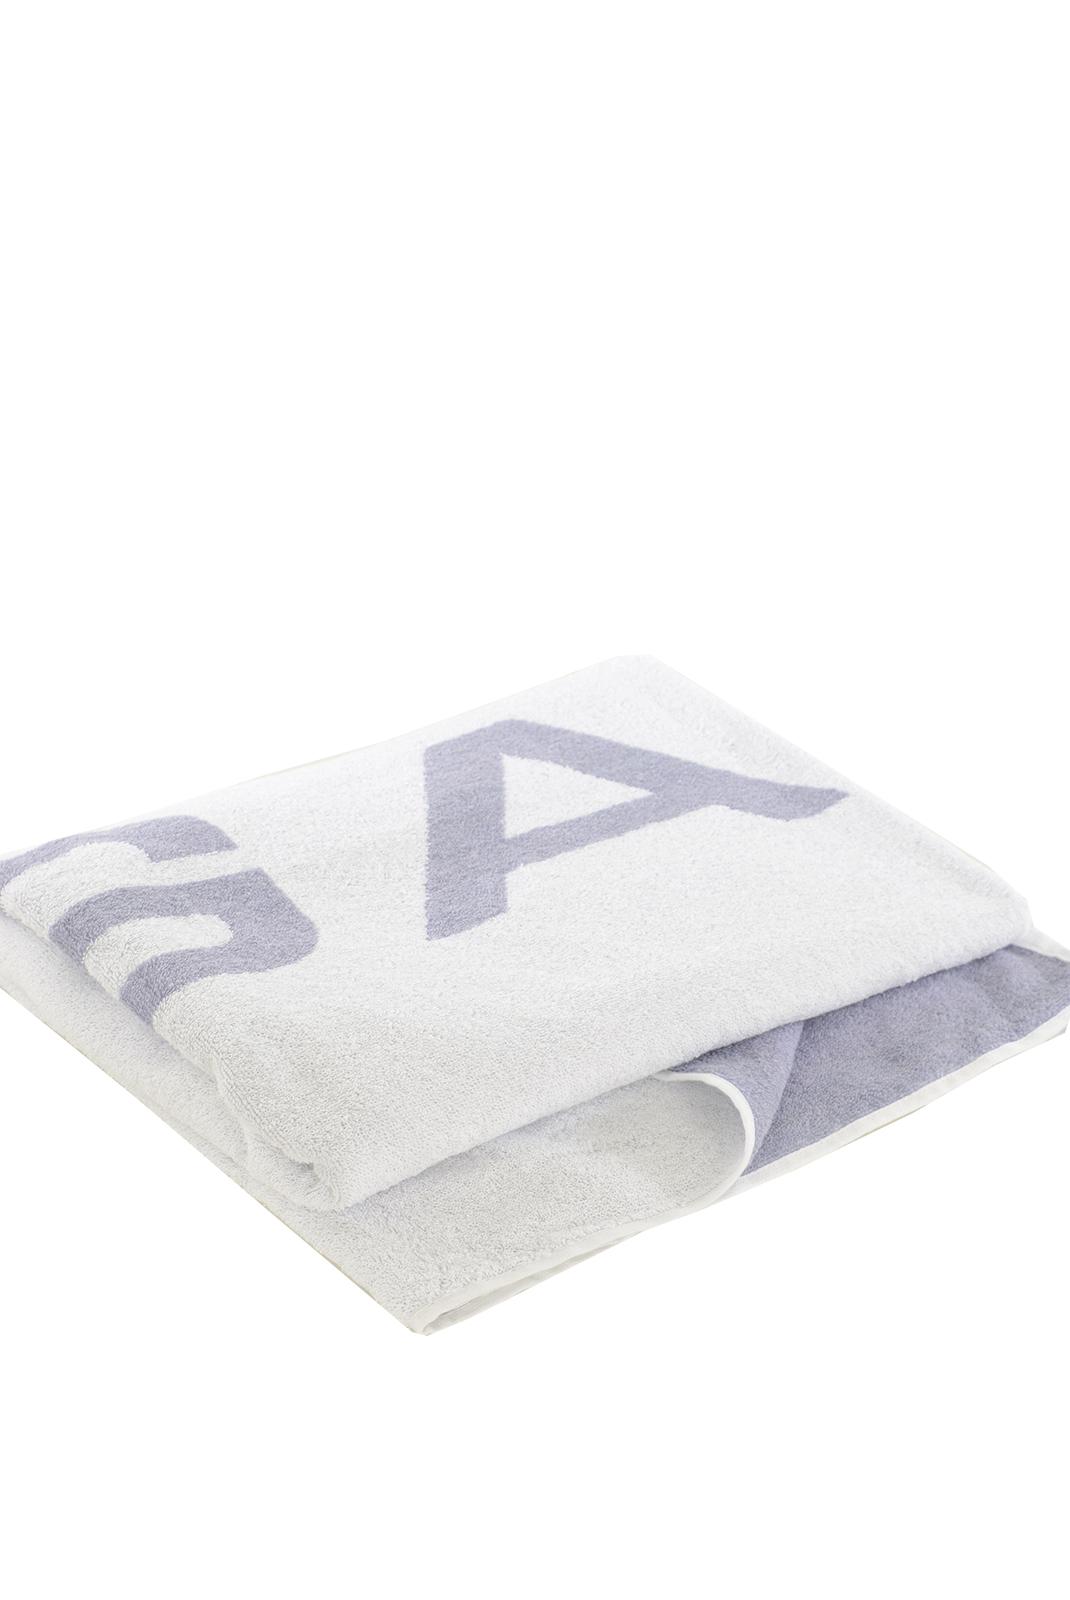 serviettes de bain homme gant drap de bain gant blanc violet. Black Bedroom Furniture Sets. Home Design Ideas